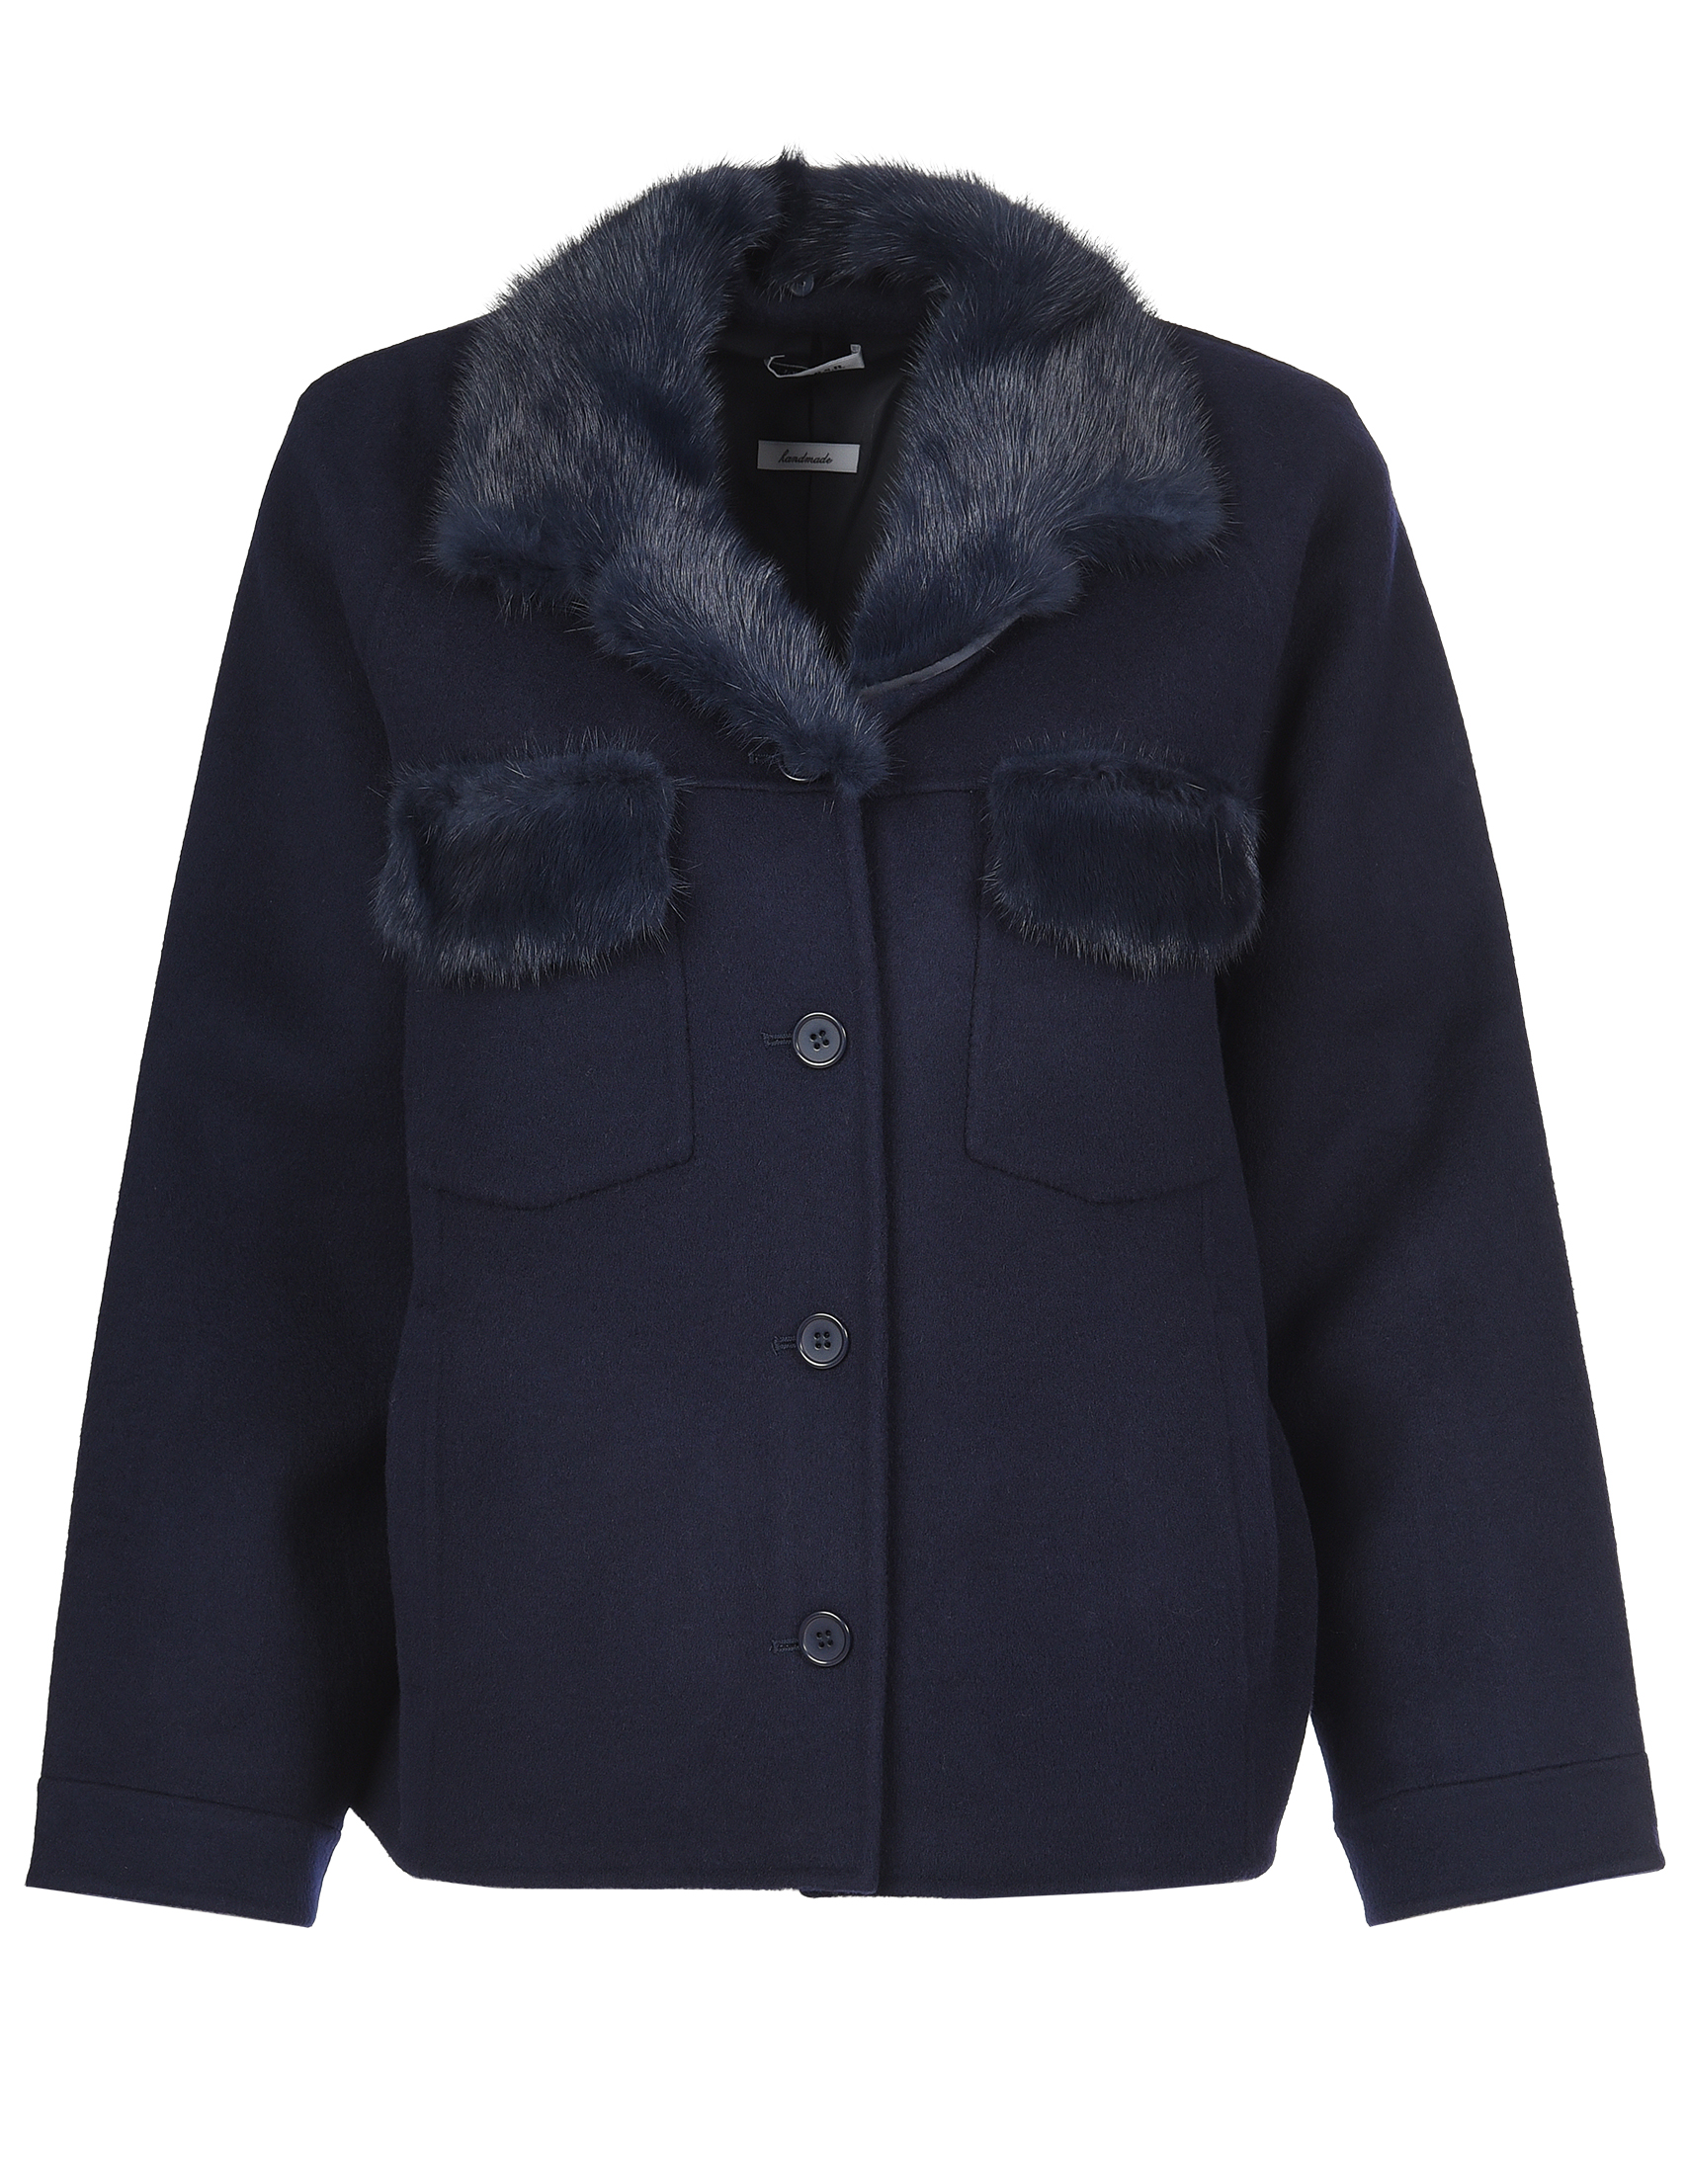 Купить Пальто, P.A.R.O.S.H., Синий, 100%Шерсть;100%Норка, Осень-Зима